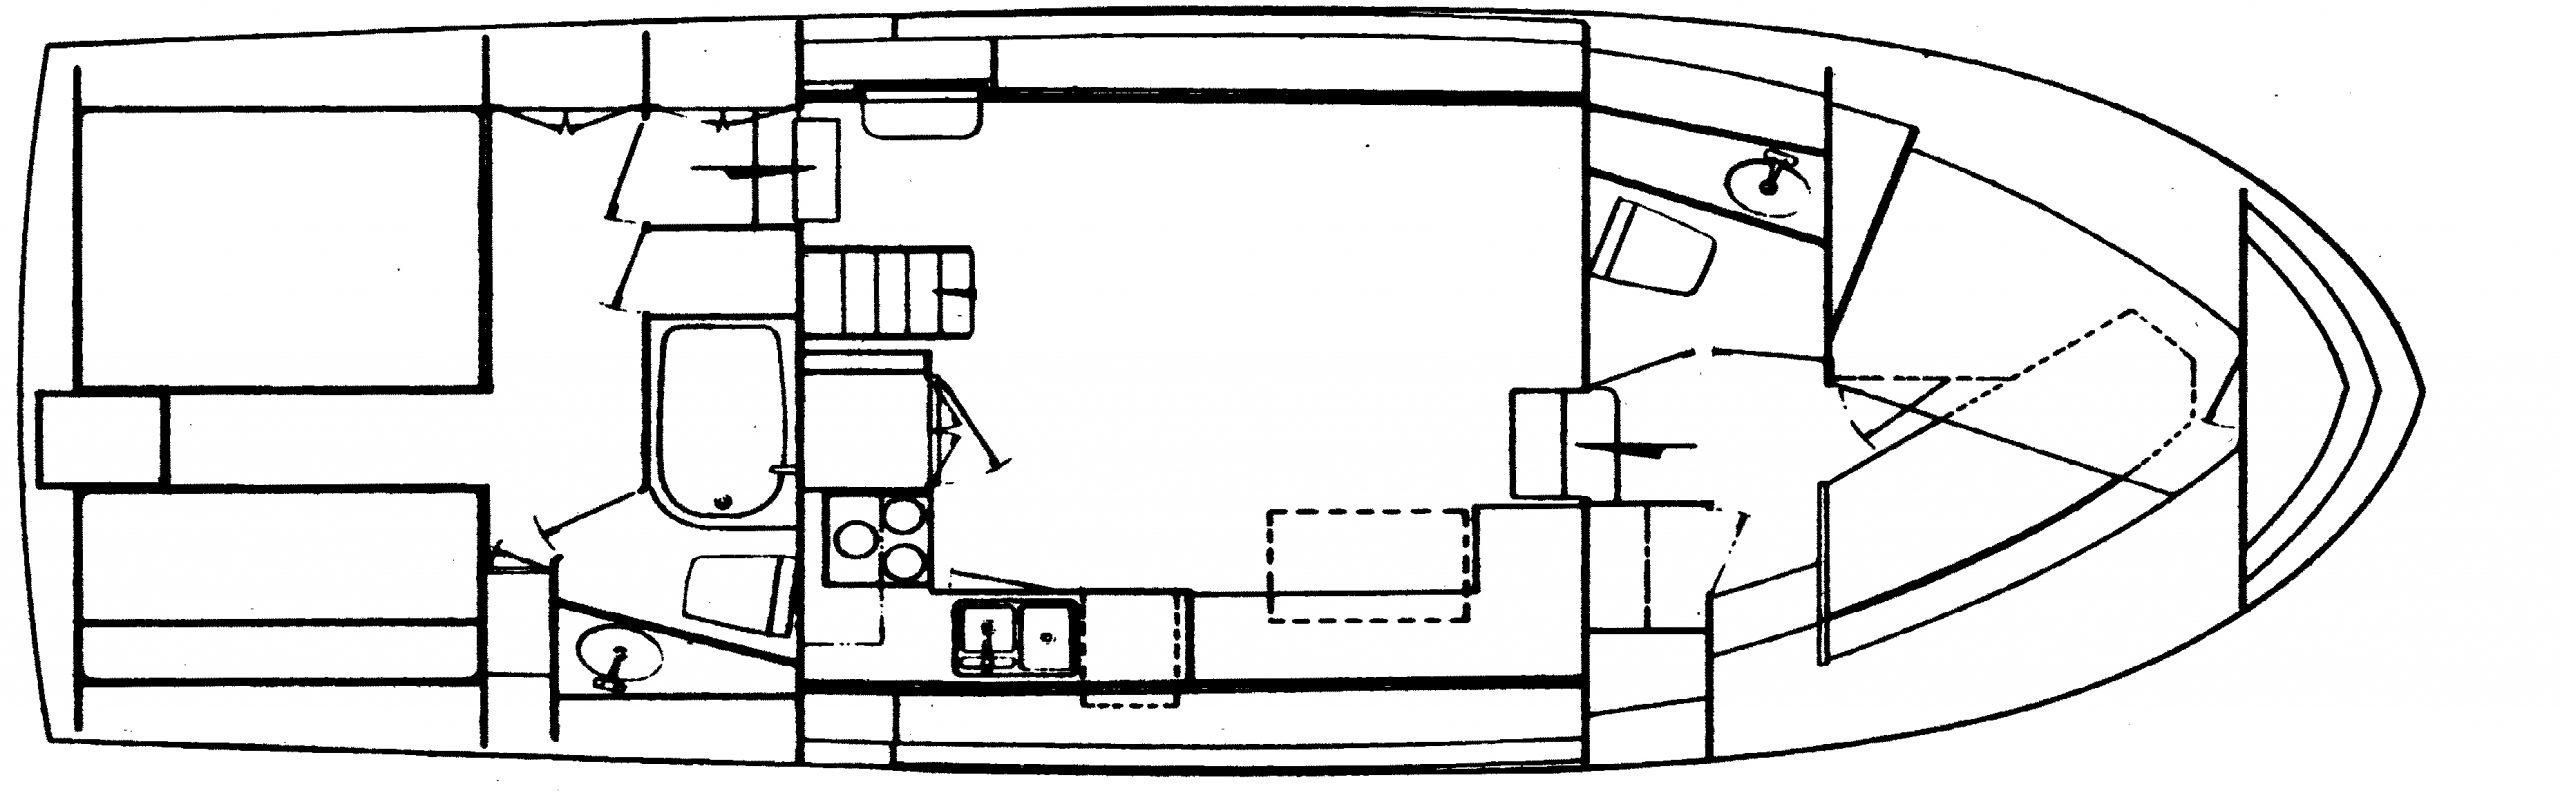 381 Catalina Floor Plan 2